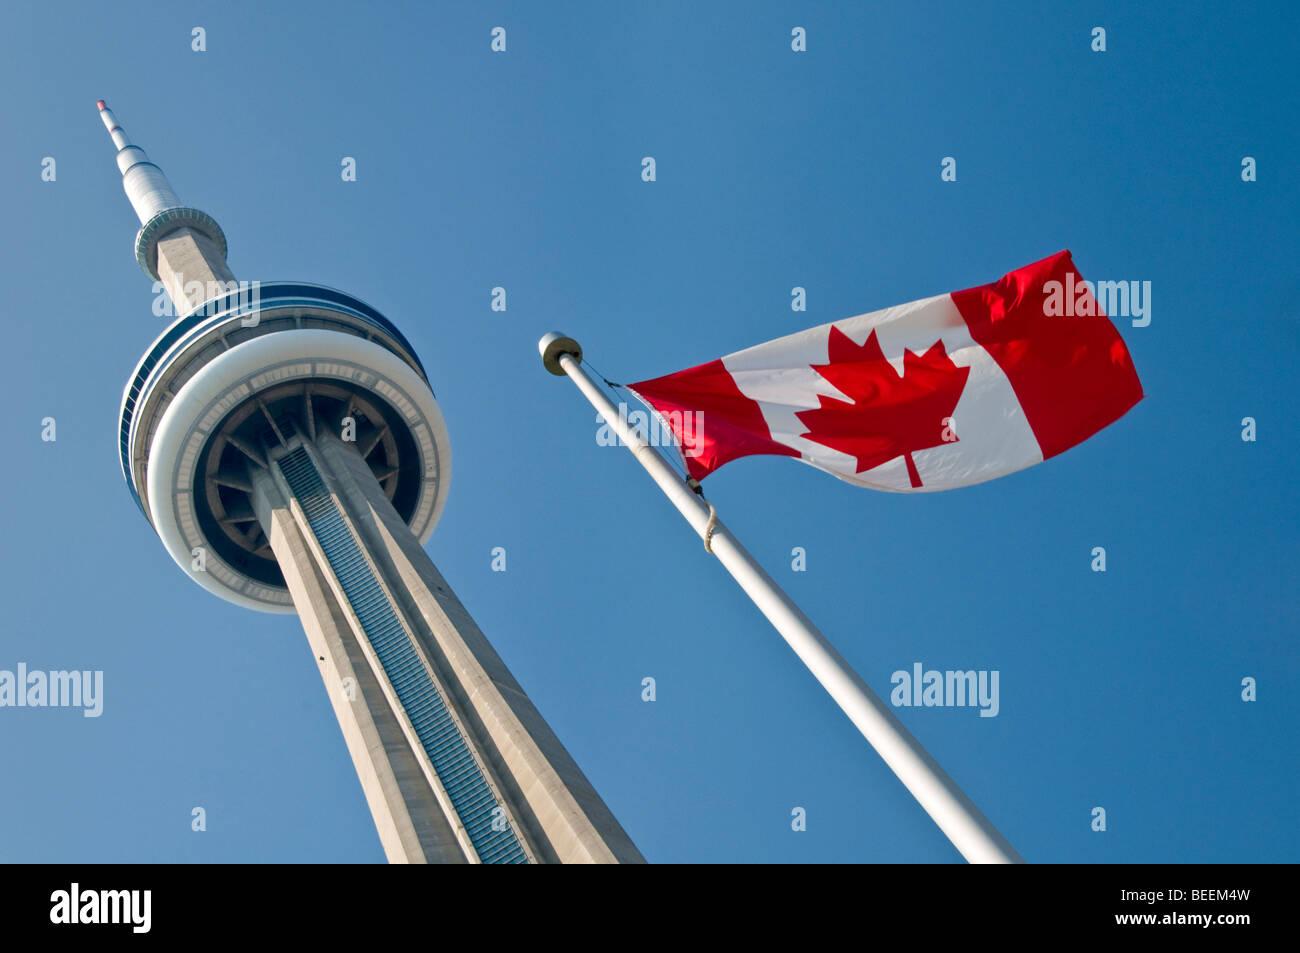 La Torre CN y la Bandera Nacional de Canadá, Toronto, Ontario, Canadá, América del Norte Imagen De Stock